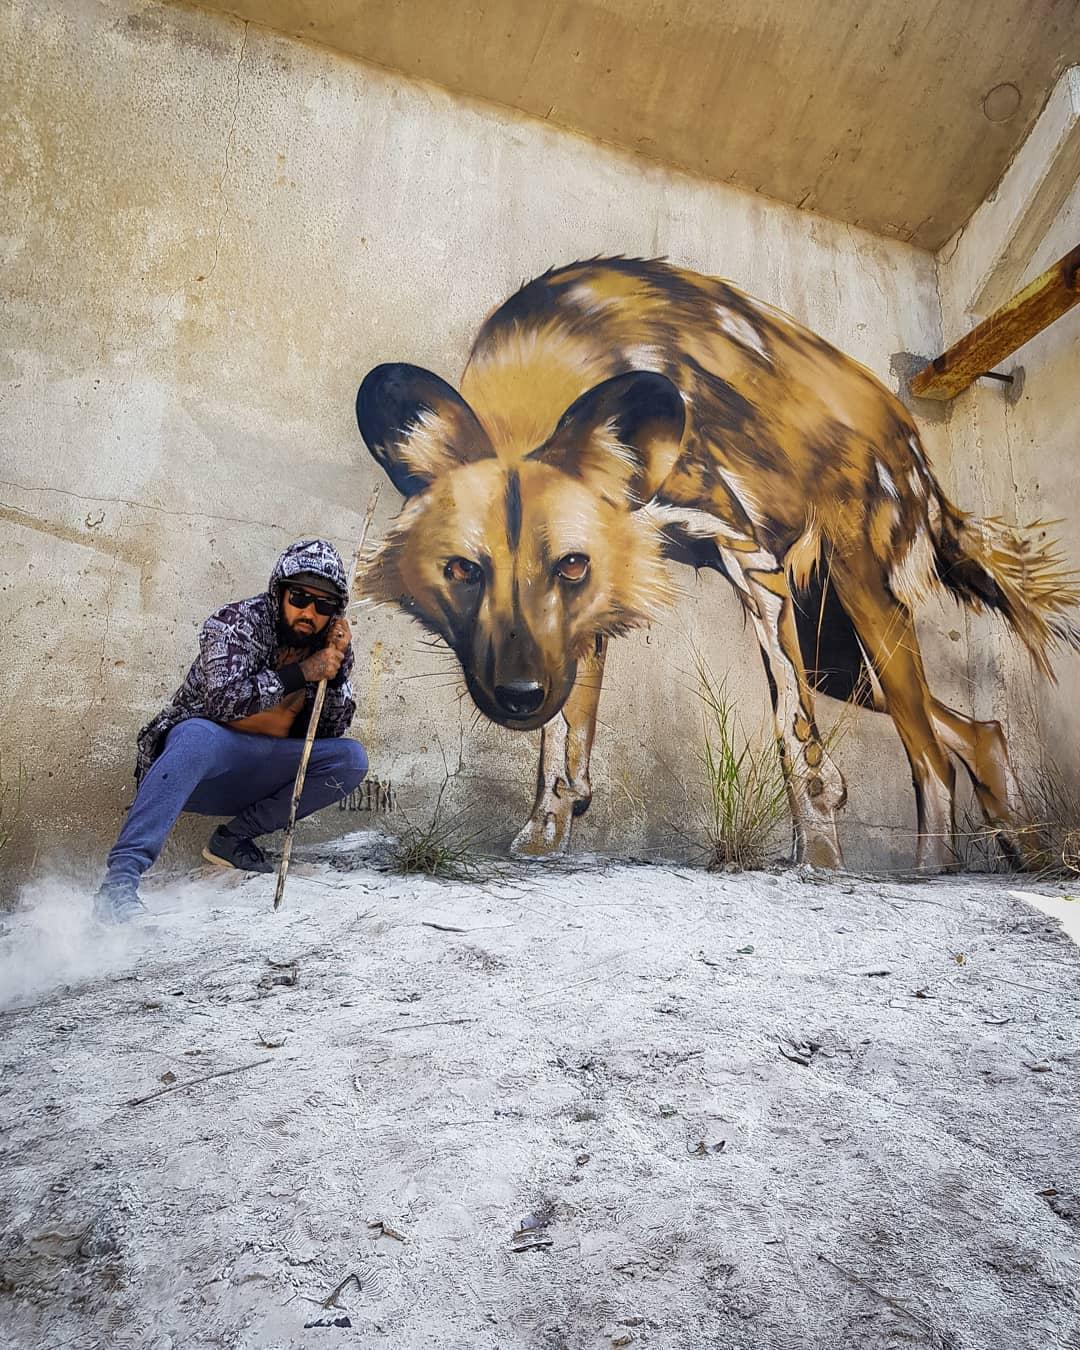 1565697707 0096586e19c438ad62e34754ba12090f - 20 работ художника, который превращает невзрачные стены в невероятно реалистичные 3D-граффити